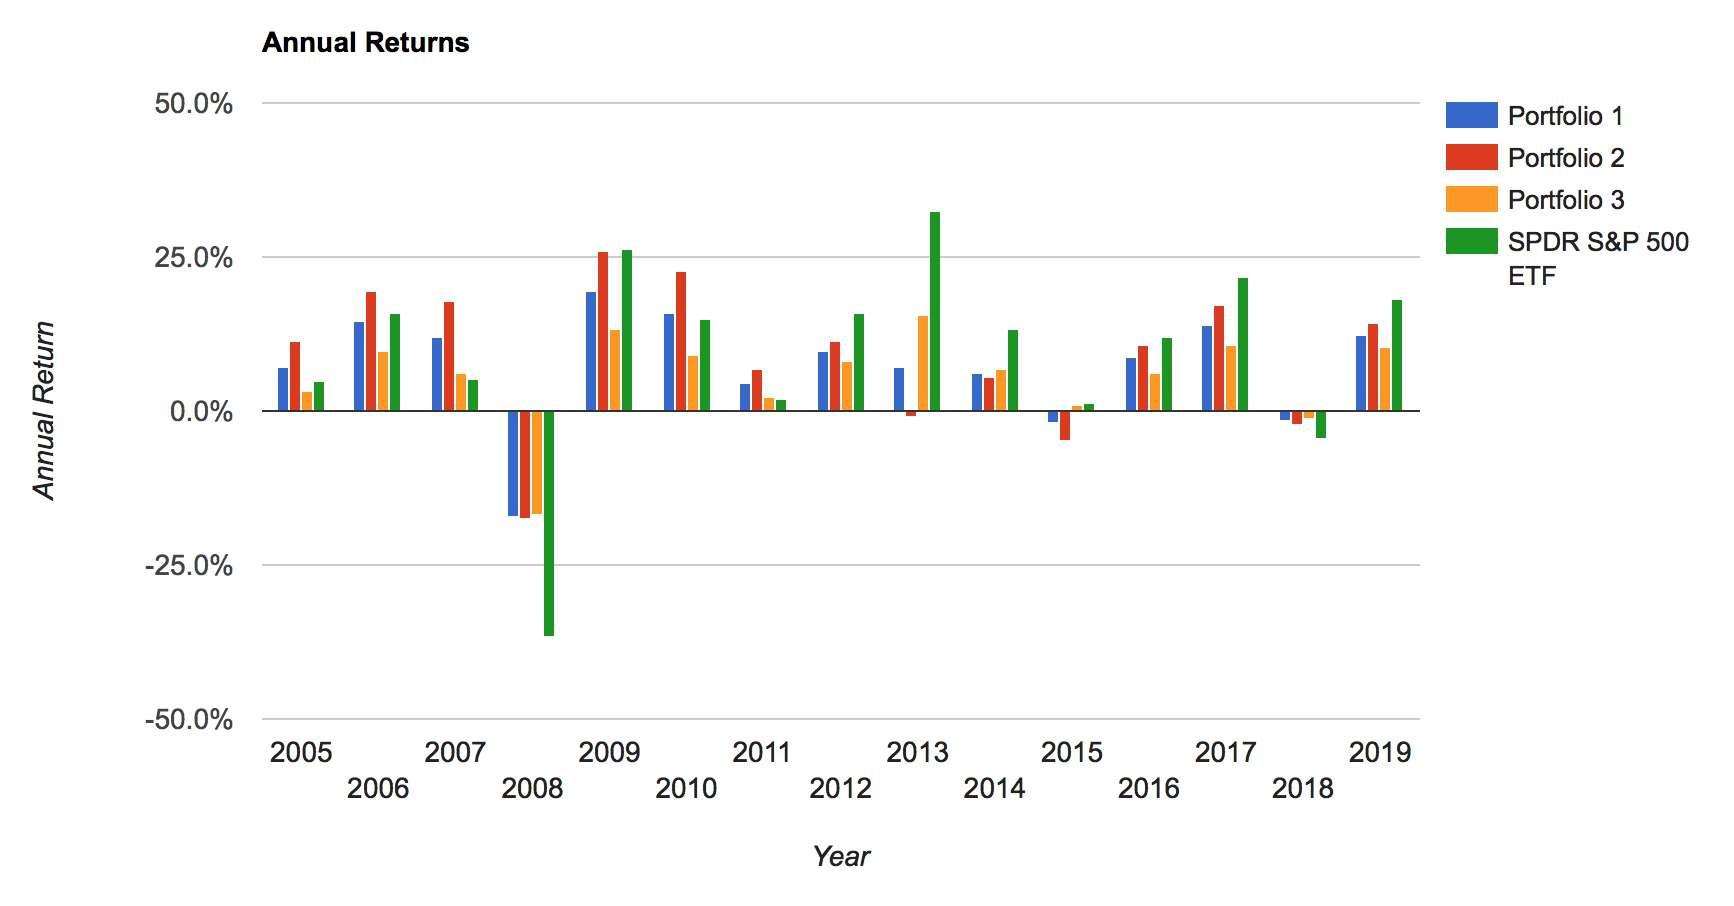 Utveckling per år för de olika portföljerna.